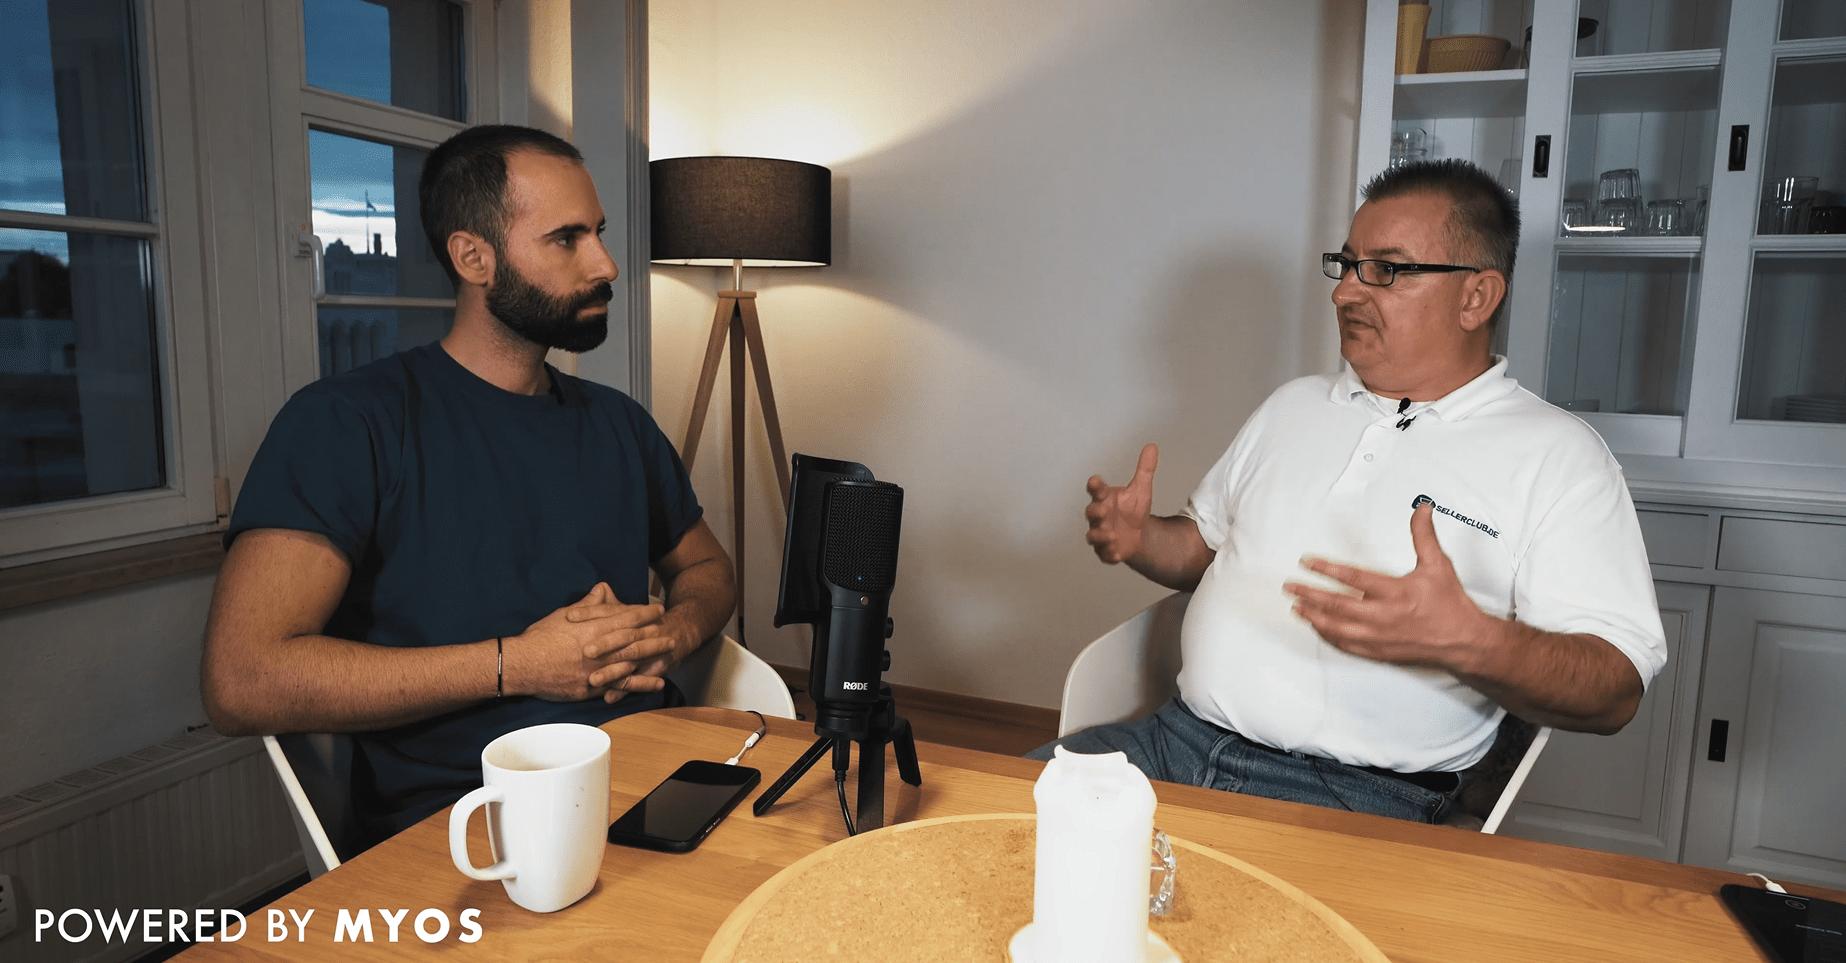 Andreas Frank und Adrian Jaroszynski unterhalten sich über Konzepte im E-Commerce.